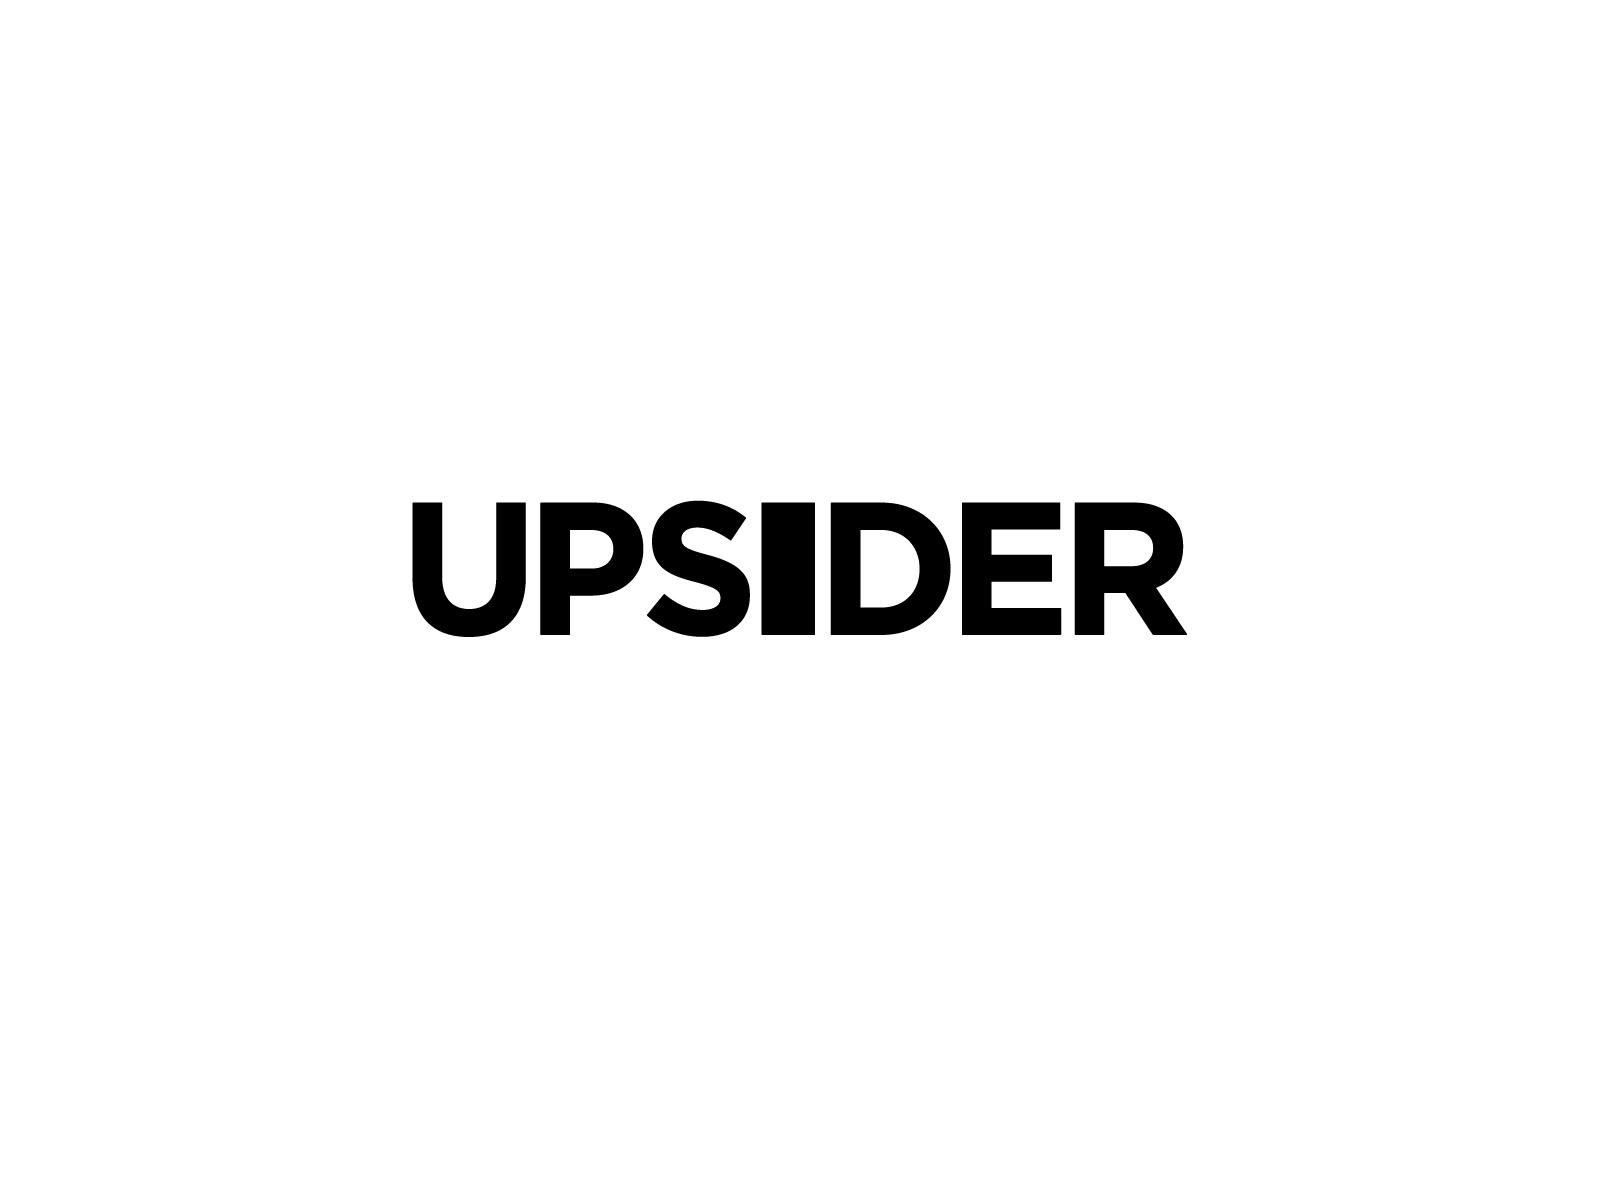 works_UPSIDER_logo_01